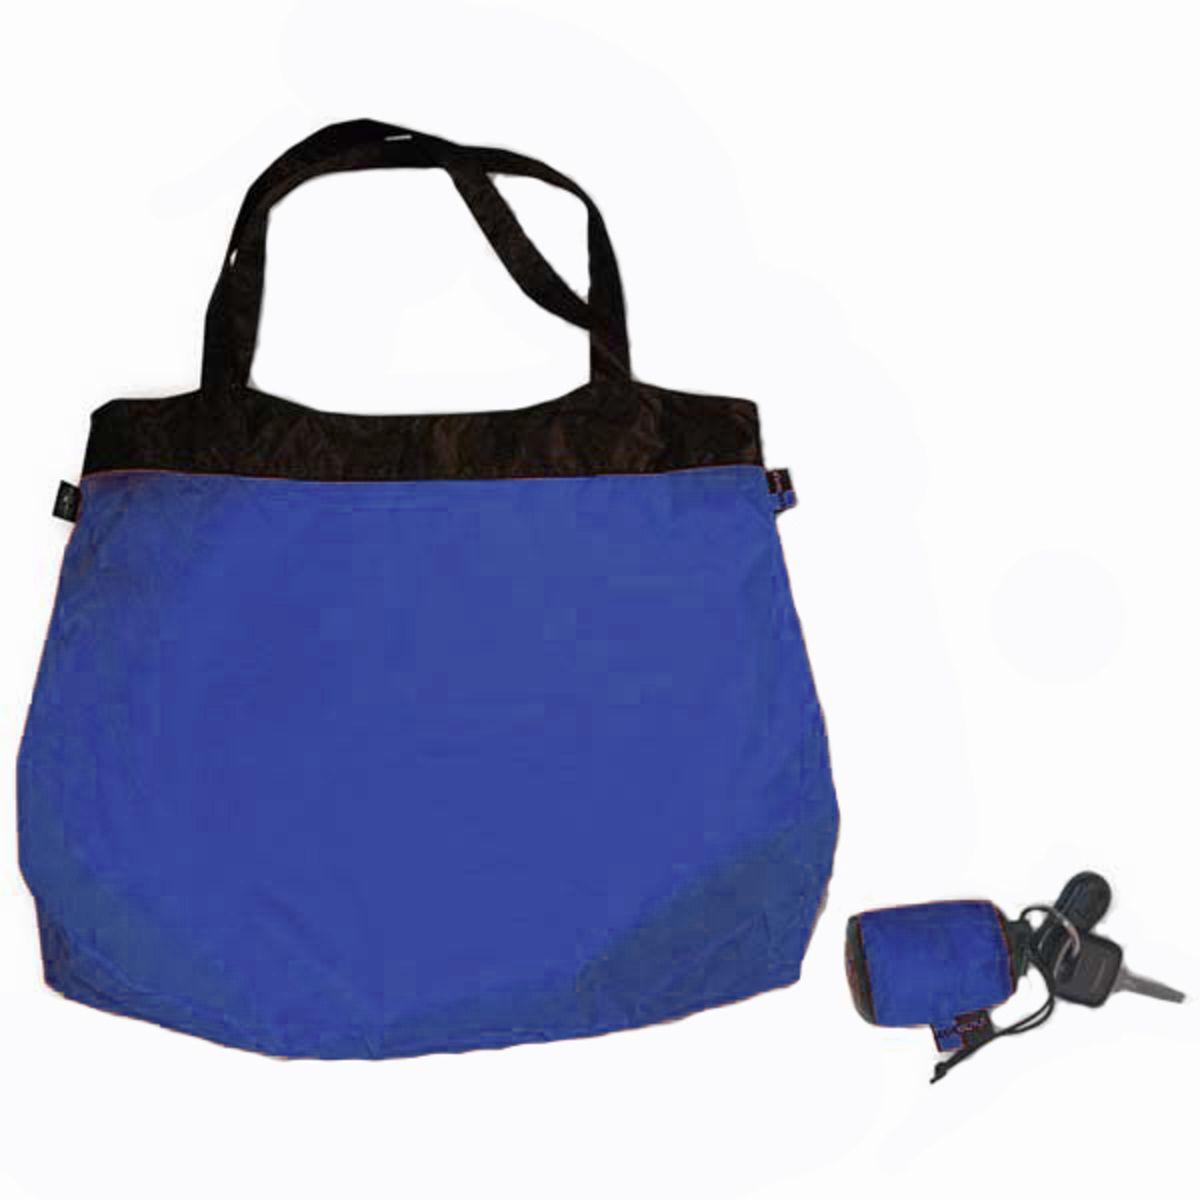 Sea To Summit Ultra-Sil Shopping Bag 25 l - taška Barva: blue, Objem: 25